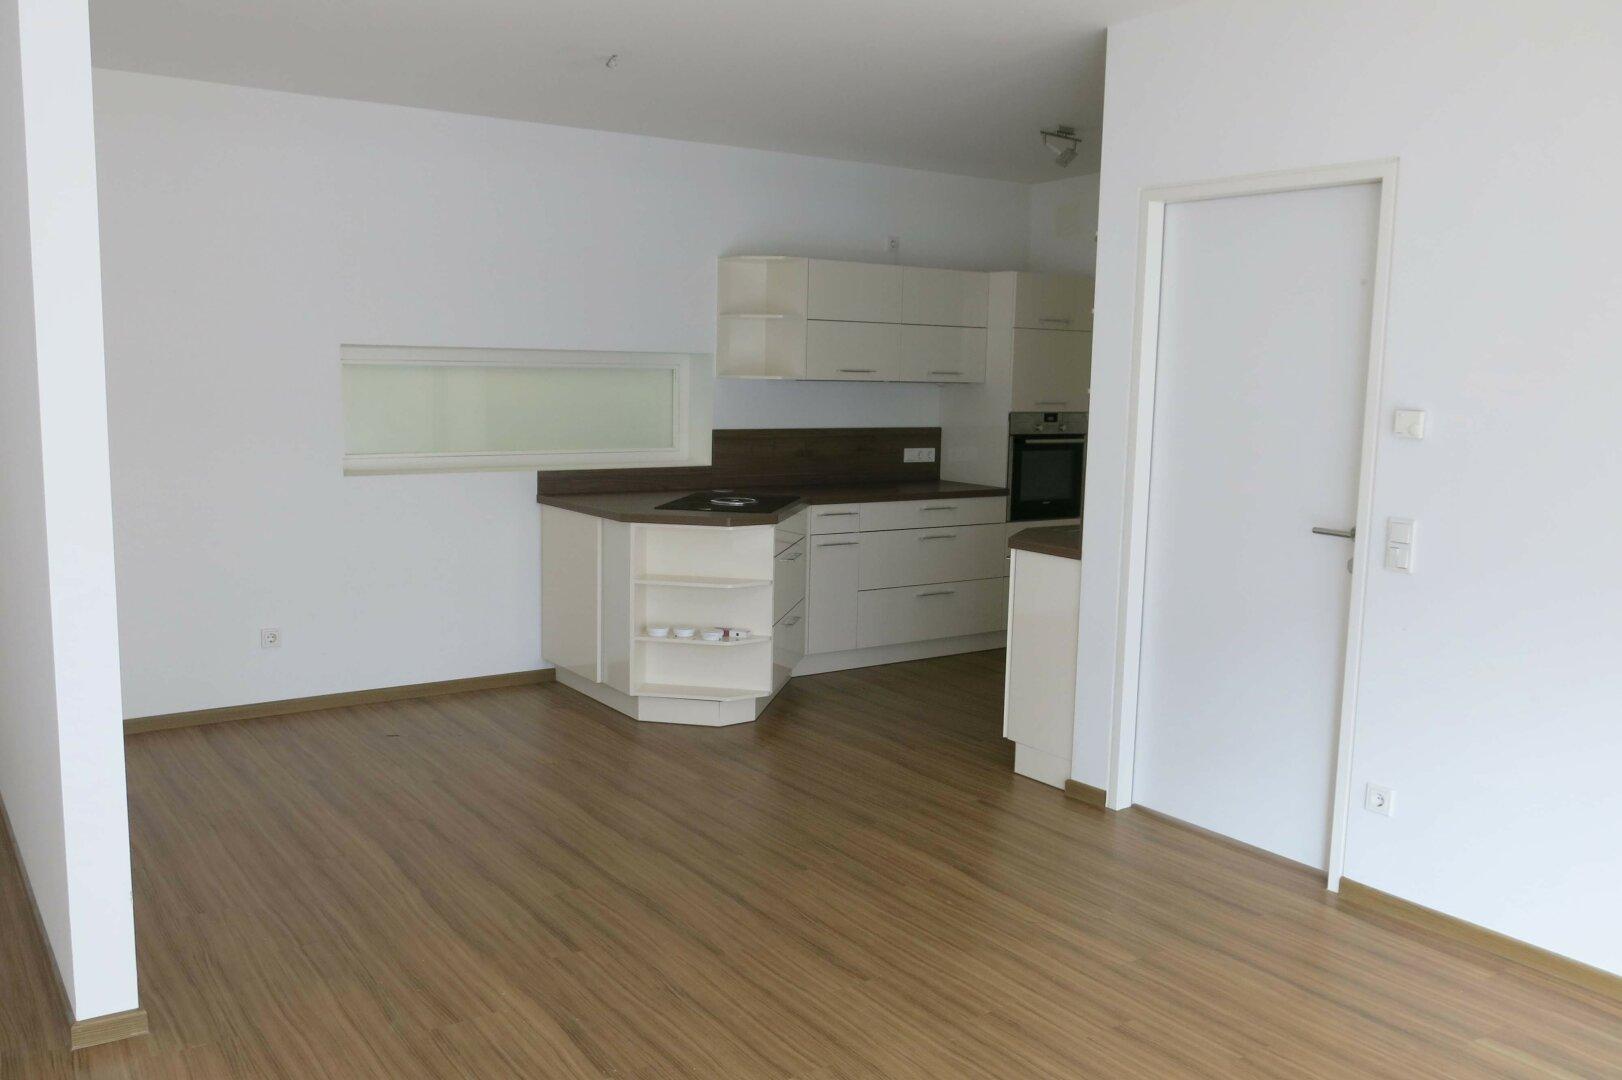 3-Zimmer-Mietwohnung Kufstein Zentrum, Wohnzimmer, Küche